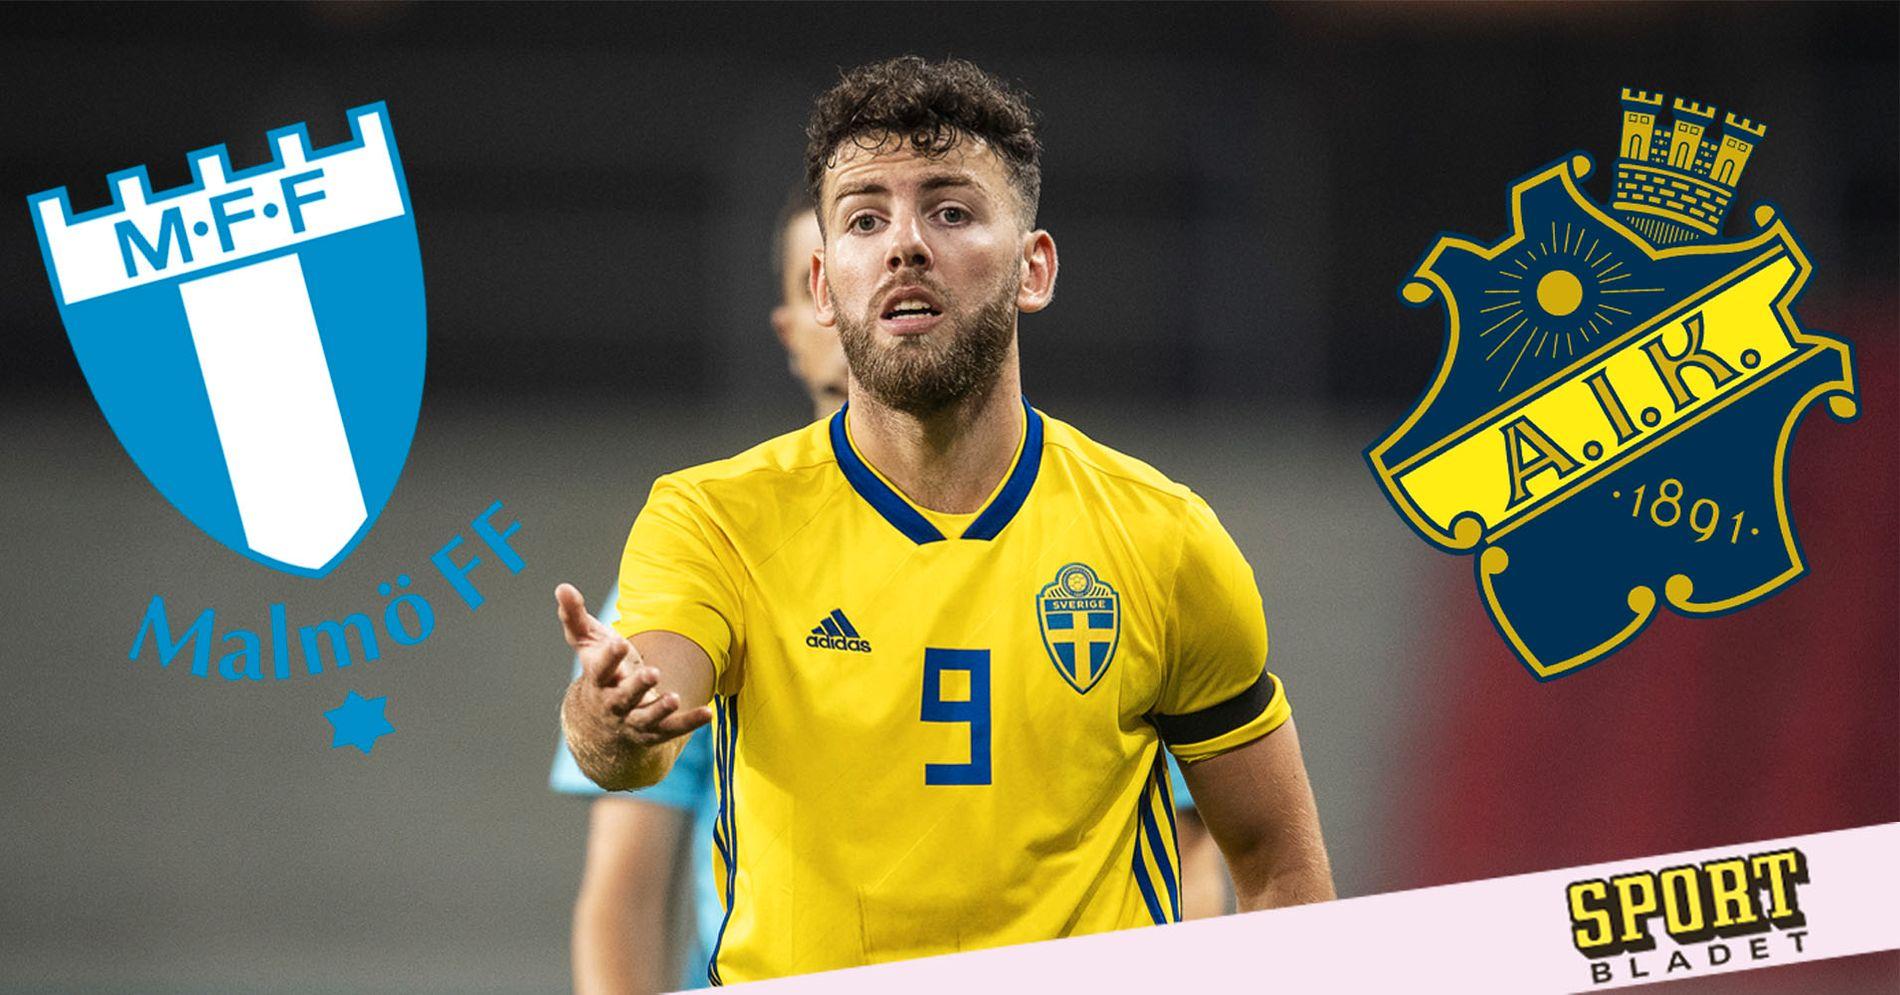 AIK och MFF gör upp om svenskproffset